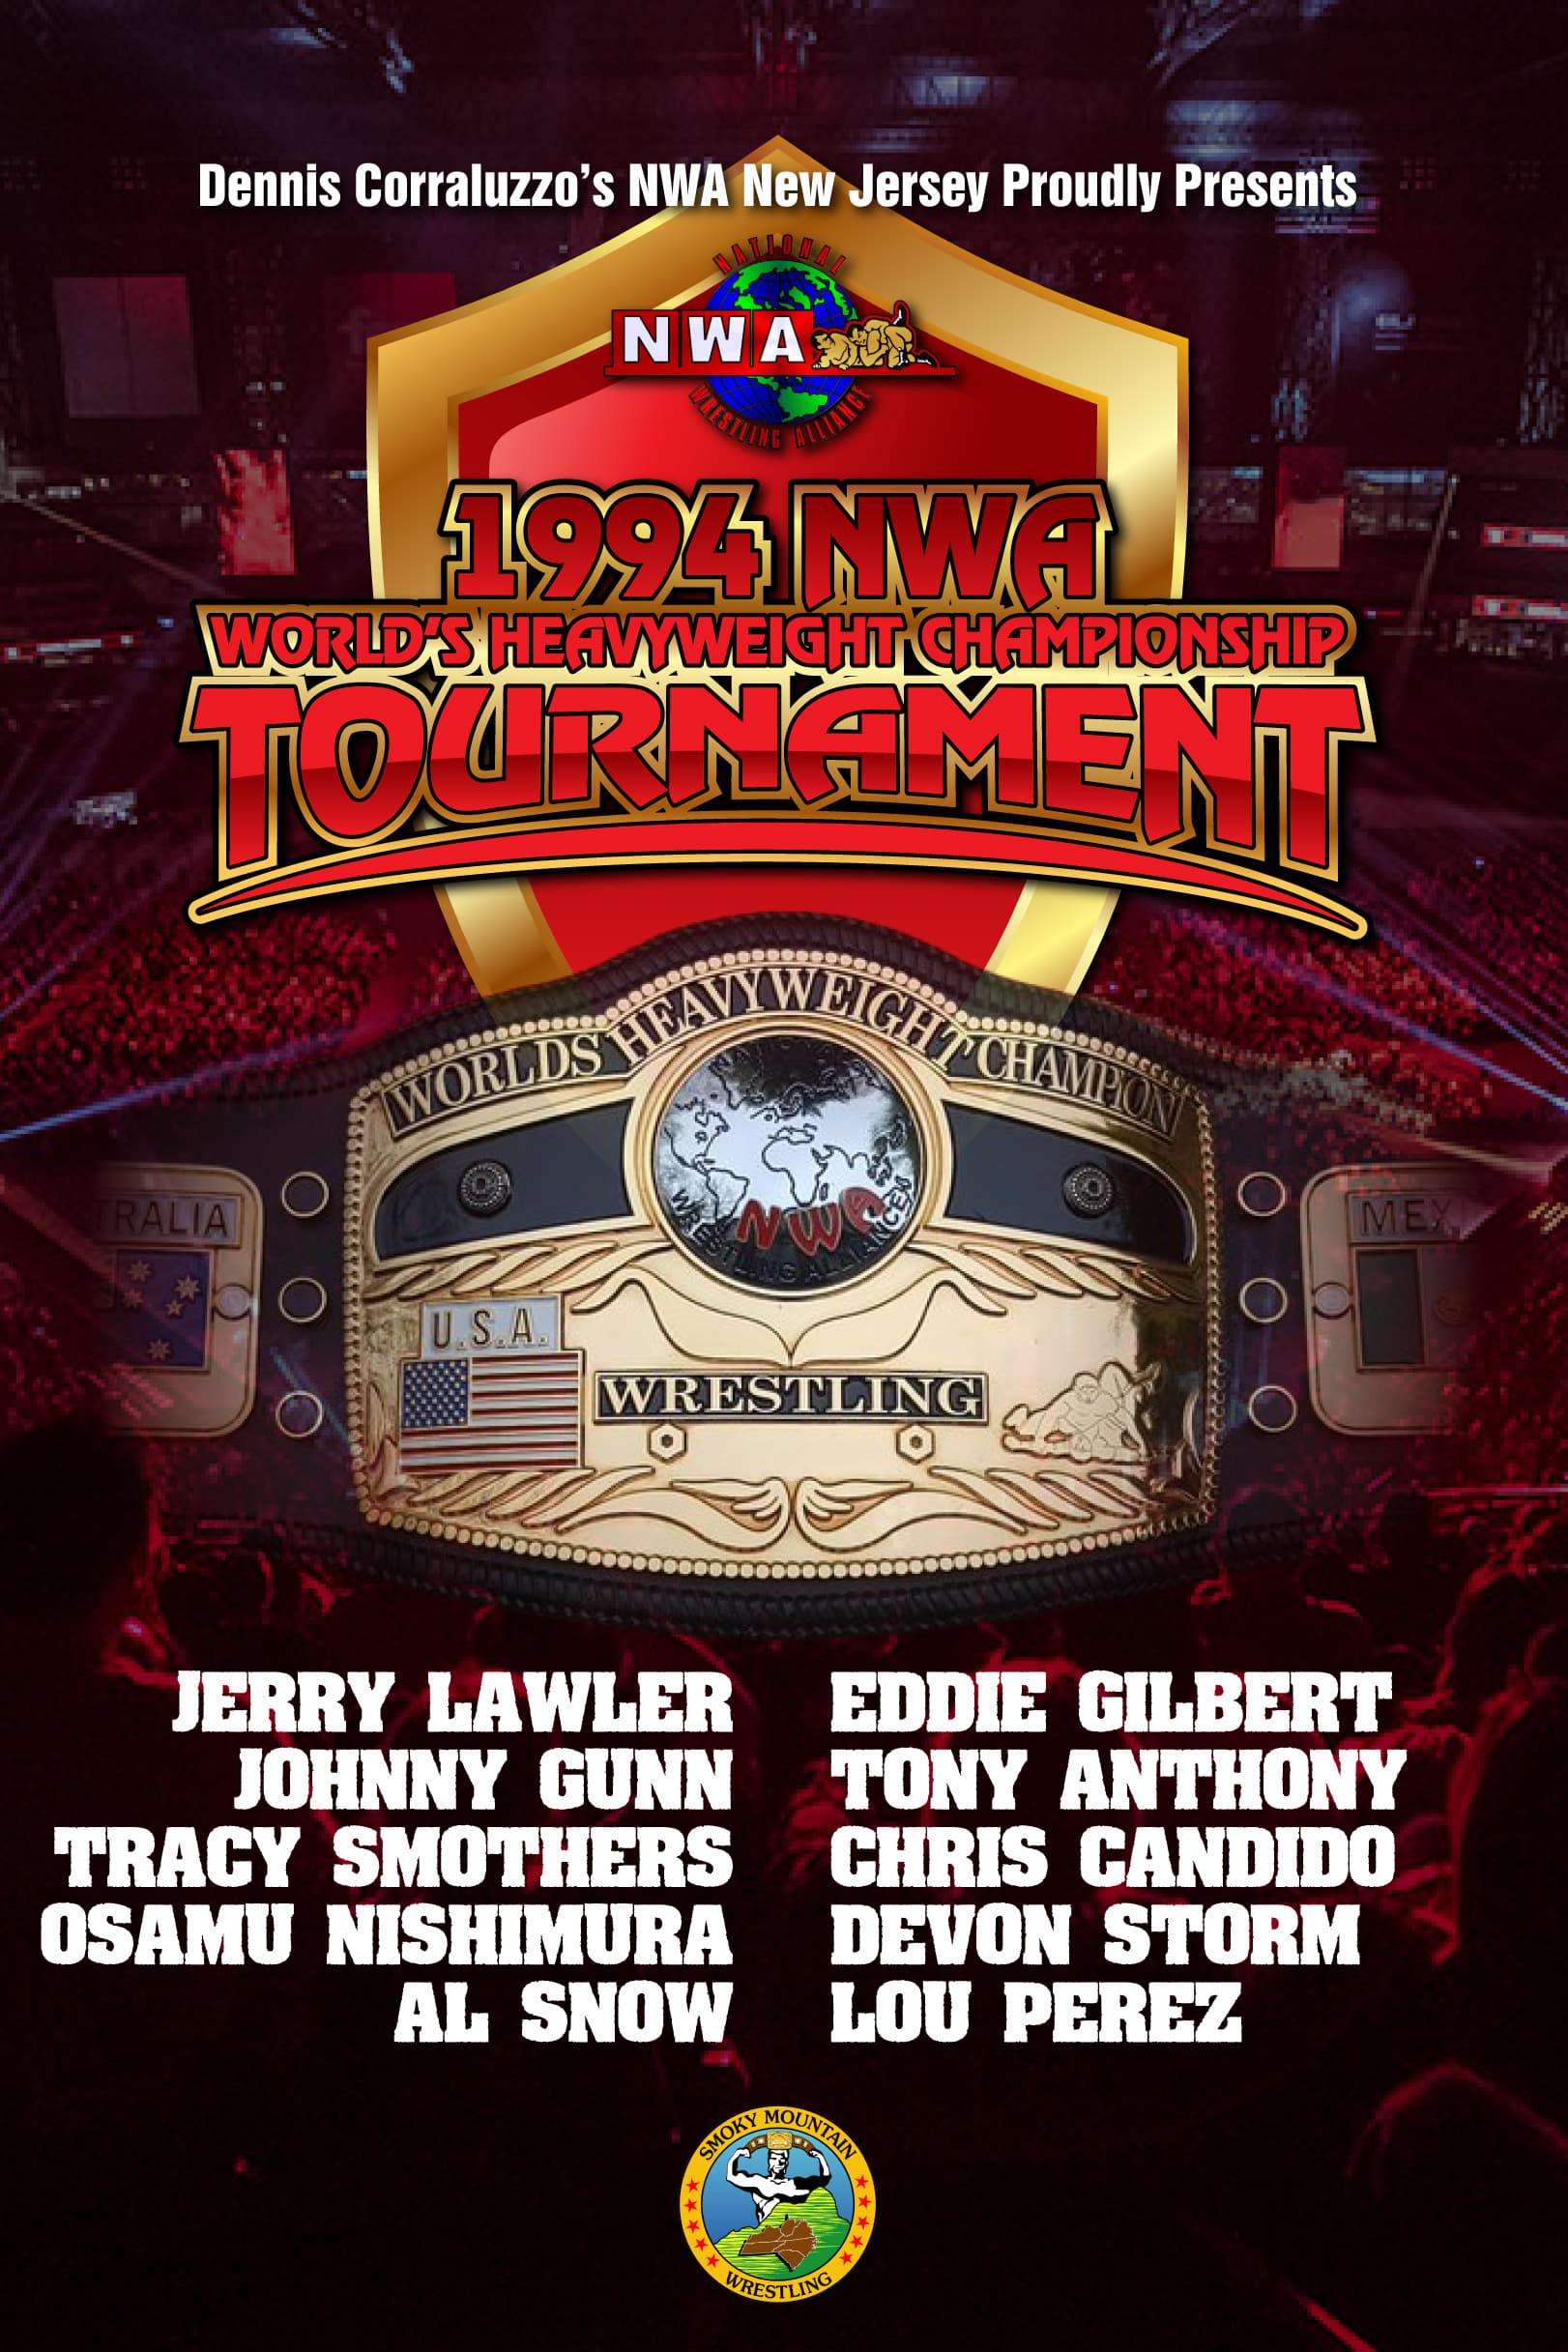 The 1994 NWA World's Championship Tournament